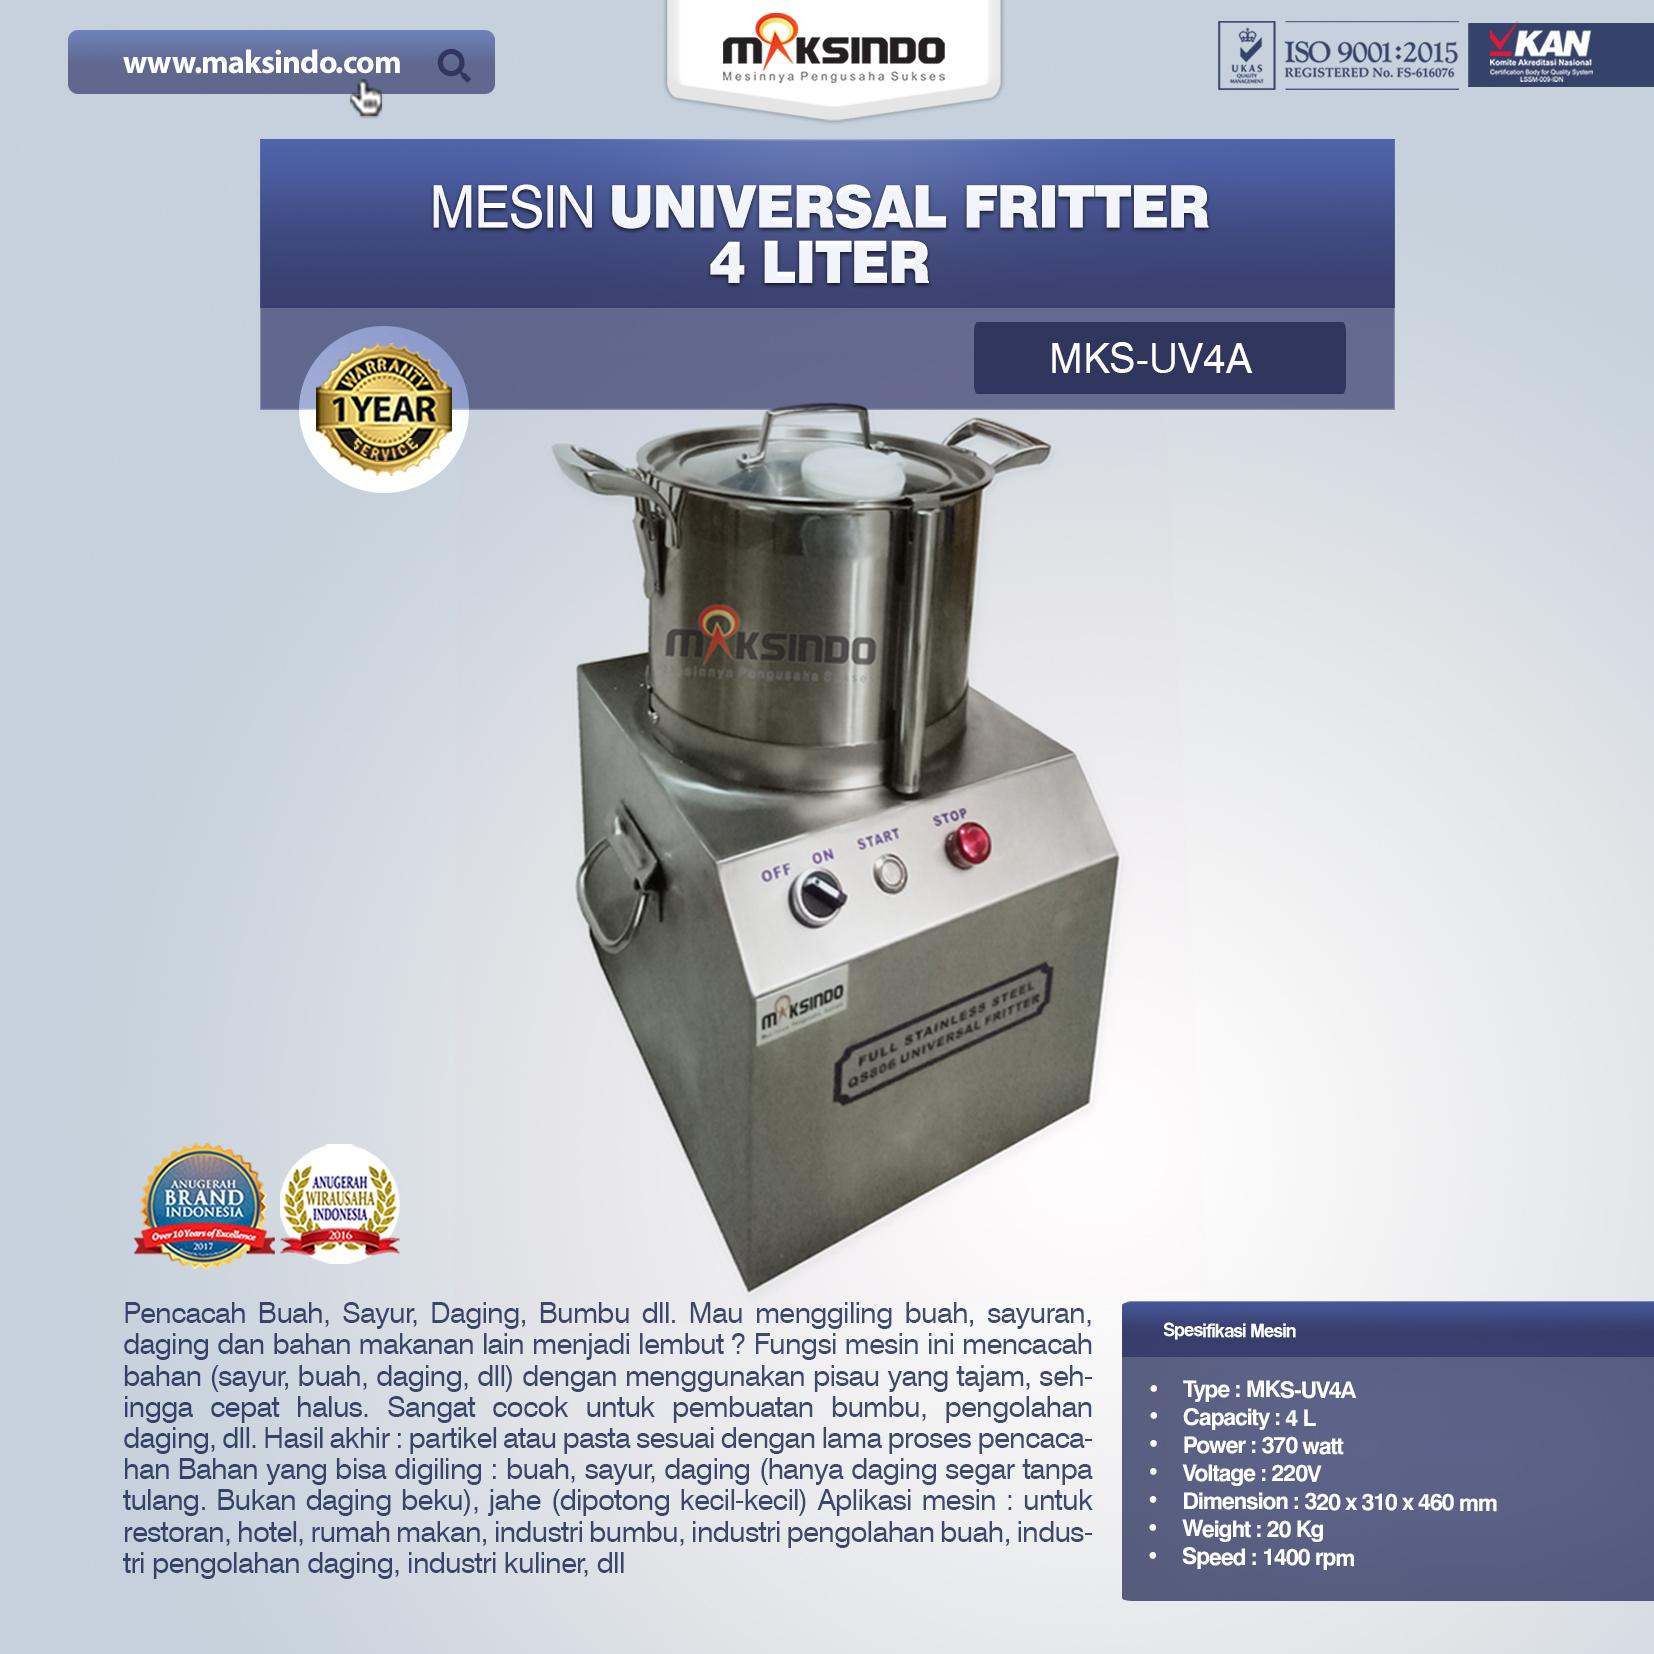 Jual Universal Fritter 4 Liter (MKS-UV4A) di Bekasi